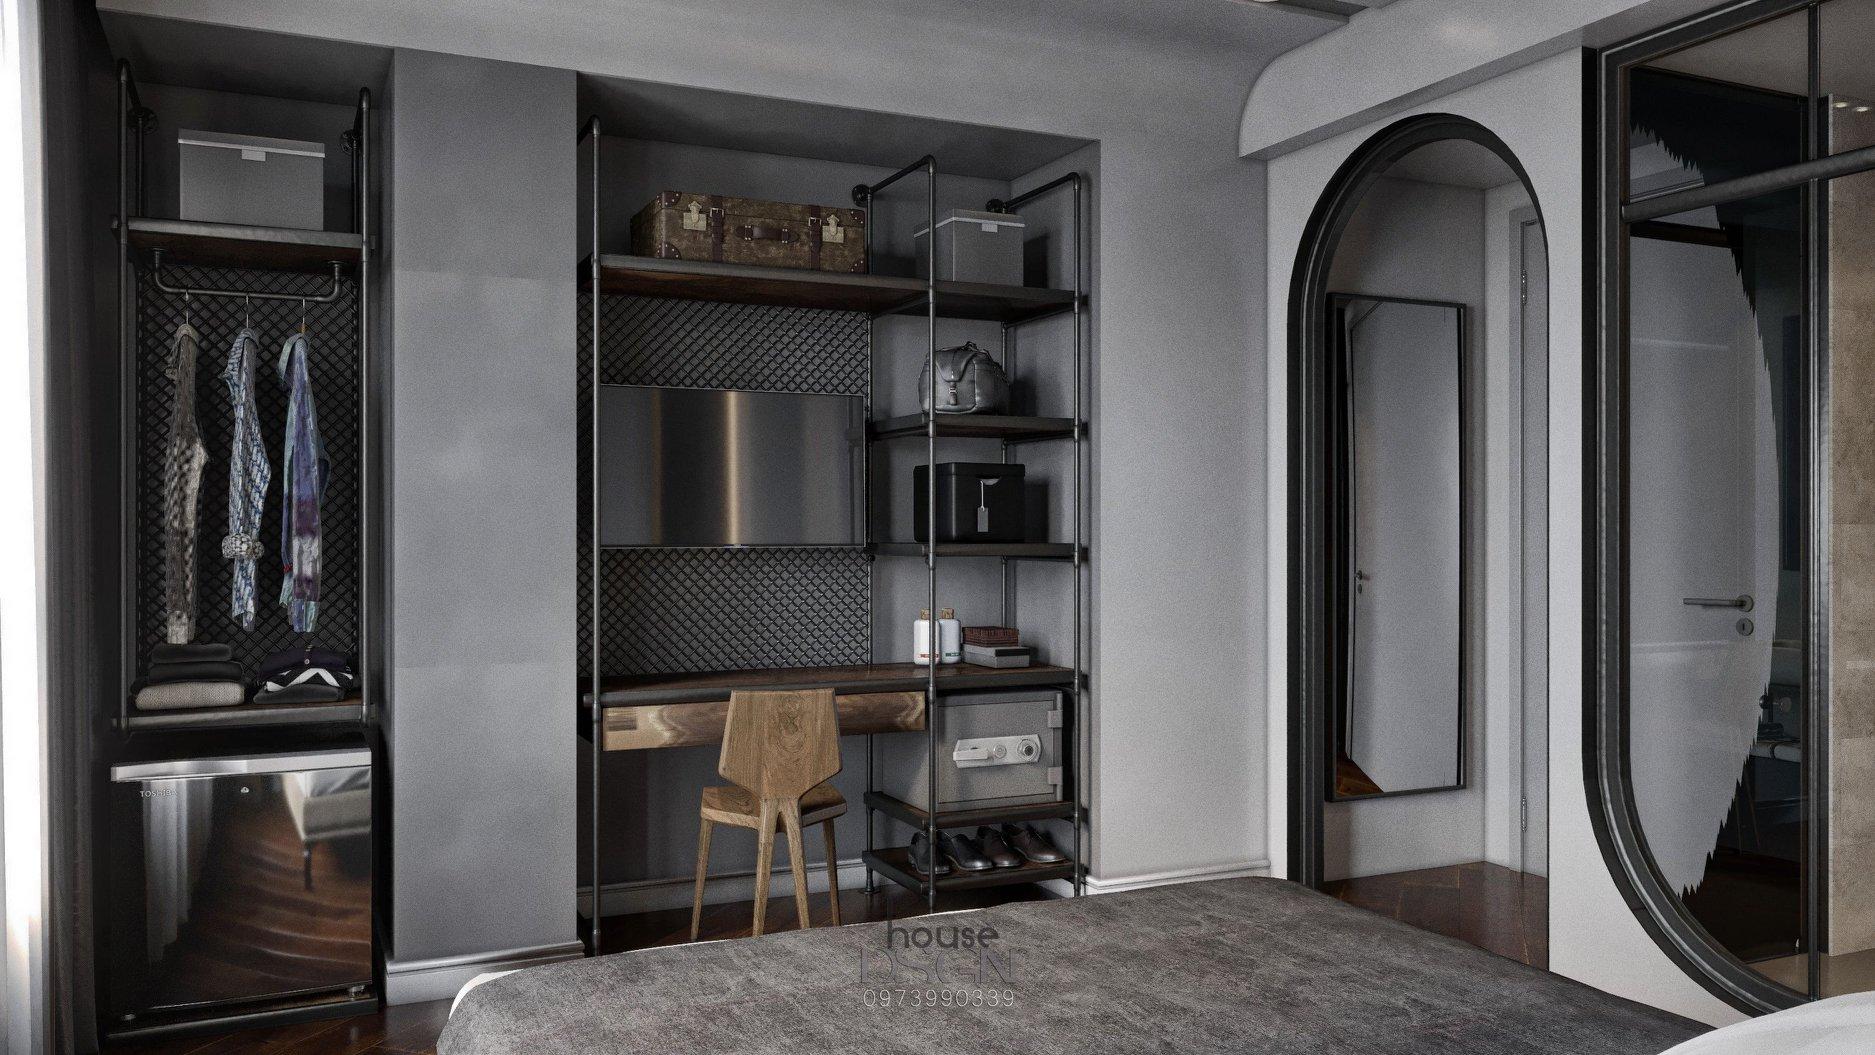 thiết kế nội thất khách sạn sang trọng - Housedesign